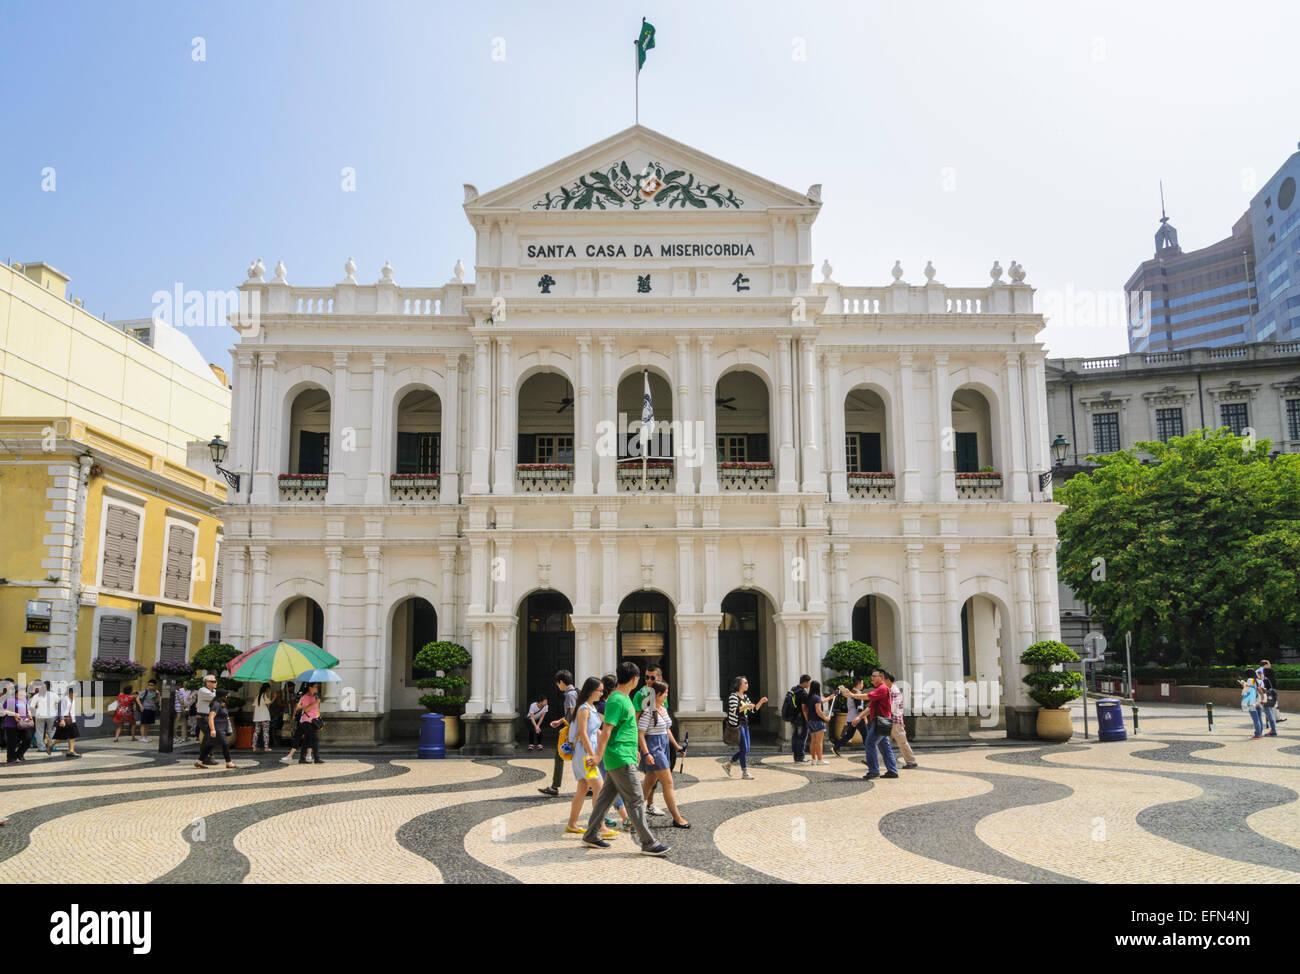 Pavimentazione mosaico di Piazza Senado ed il bianco della Santa Casa della Misericordia, Macau, Cina Immagini Stock